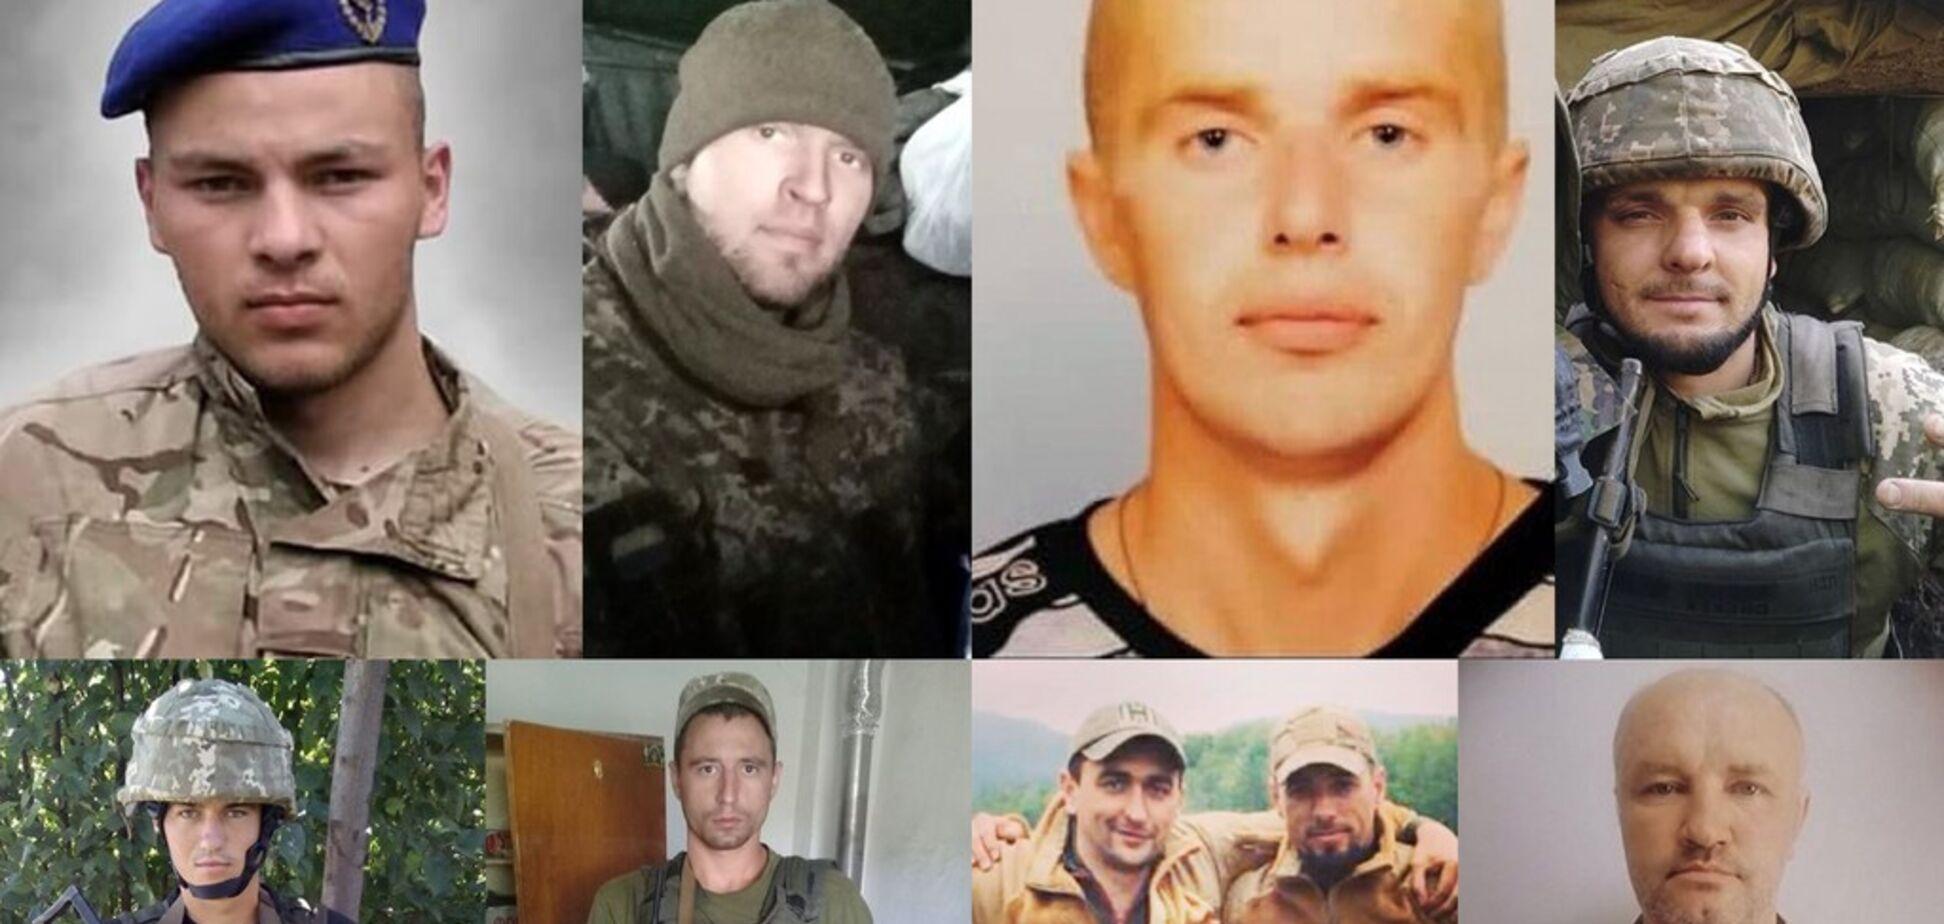 Ціною життя. Фото та історії героїв, що загинули в боях за Україну у грудні